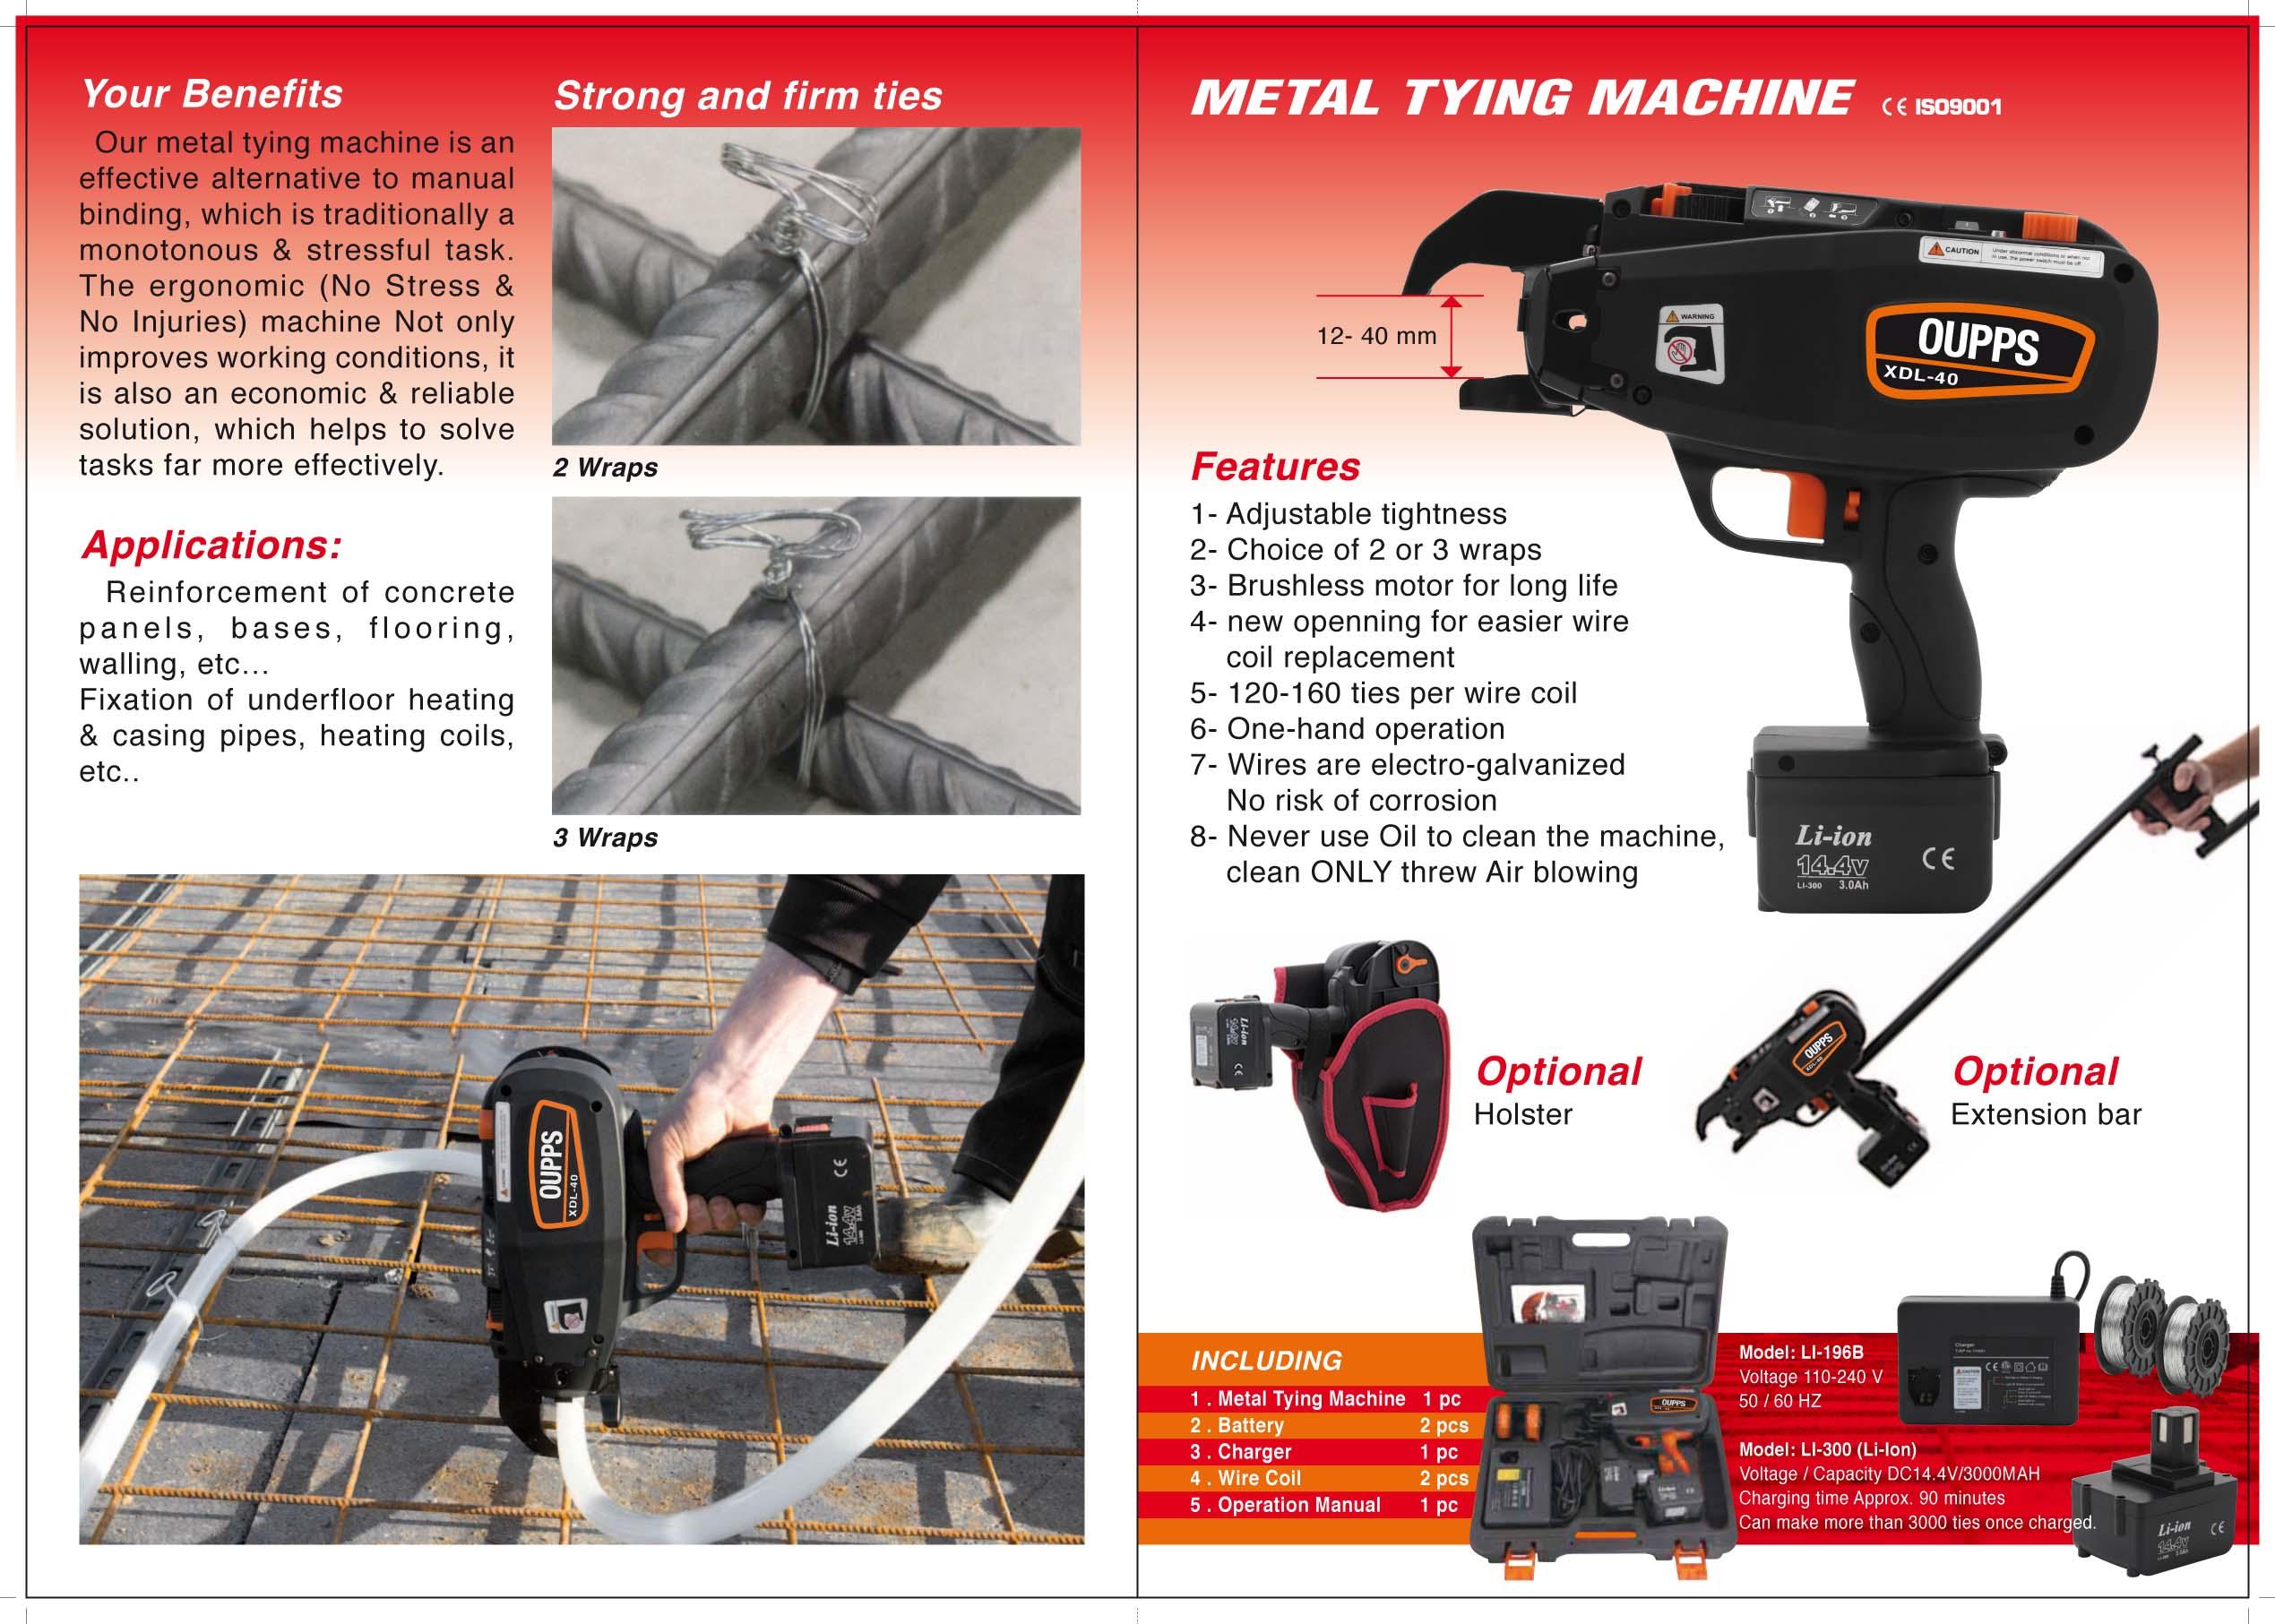 MetalTyingMachine FlyerVerso